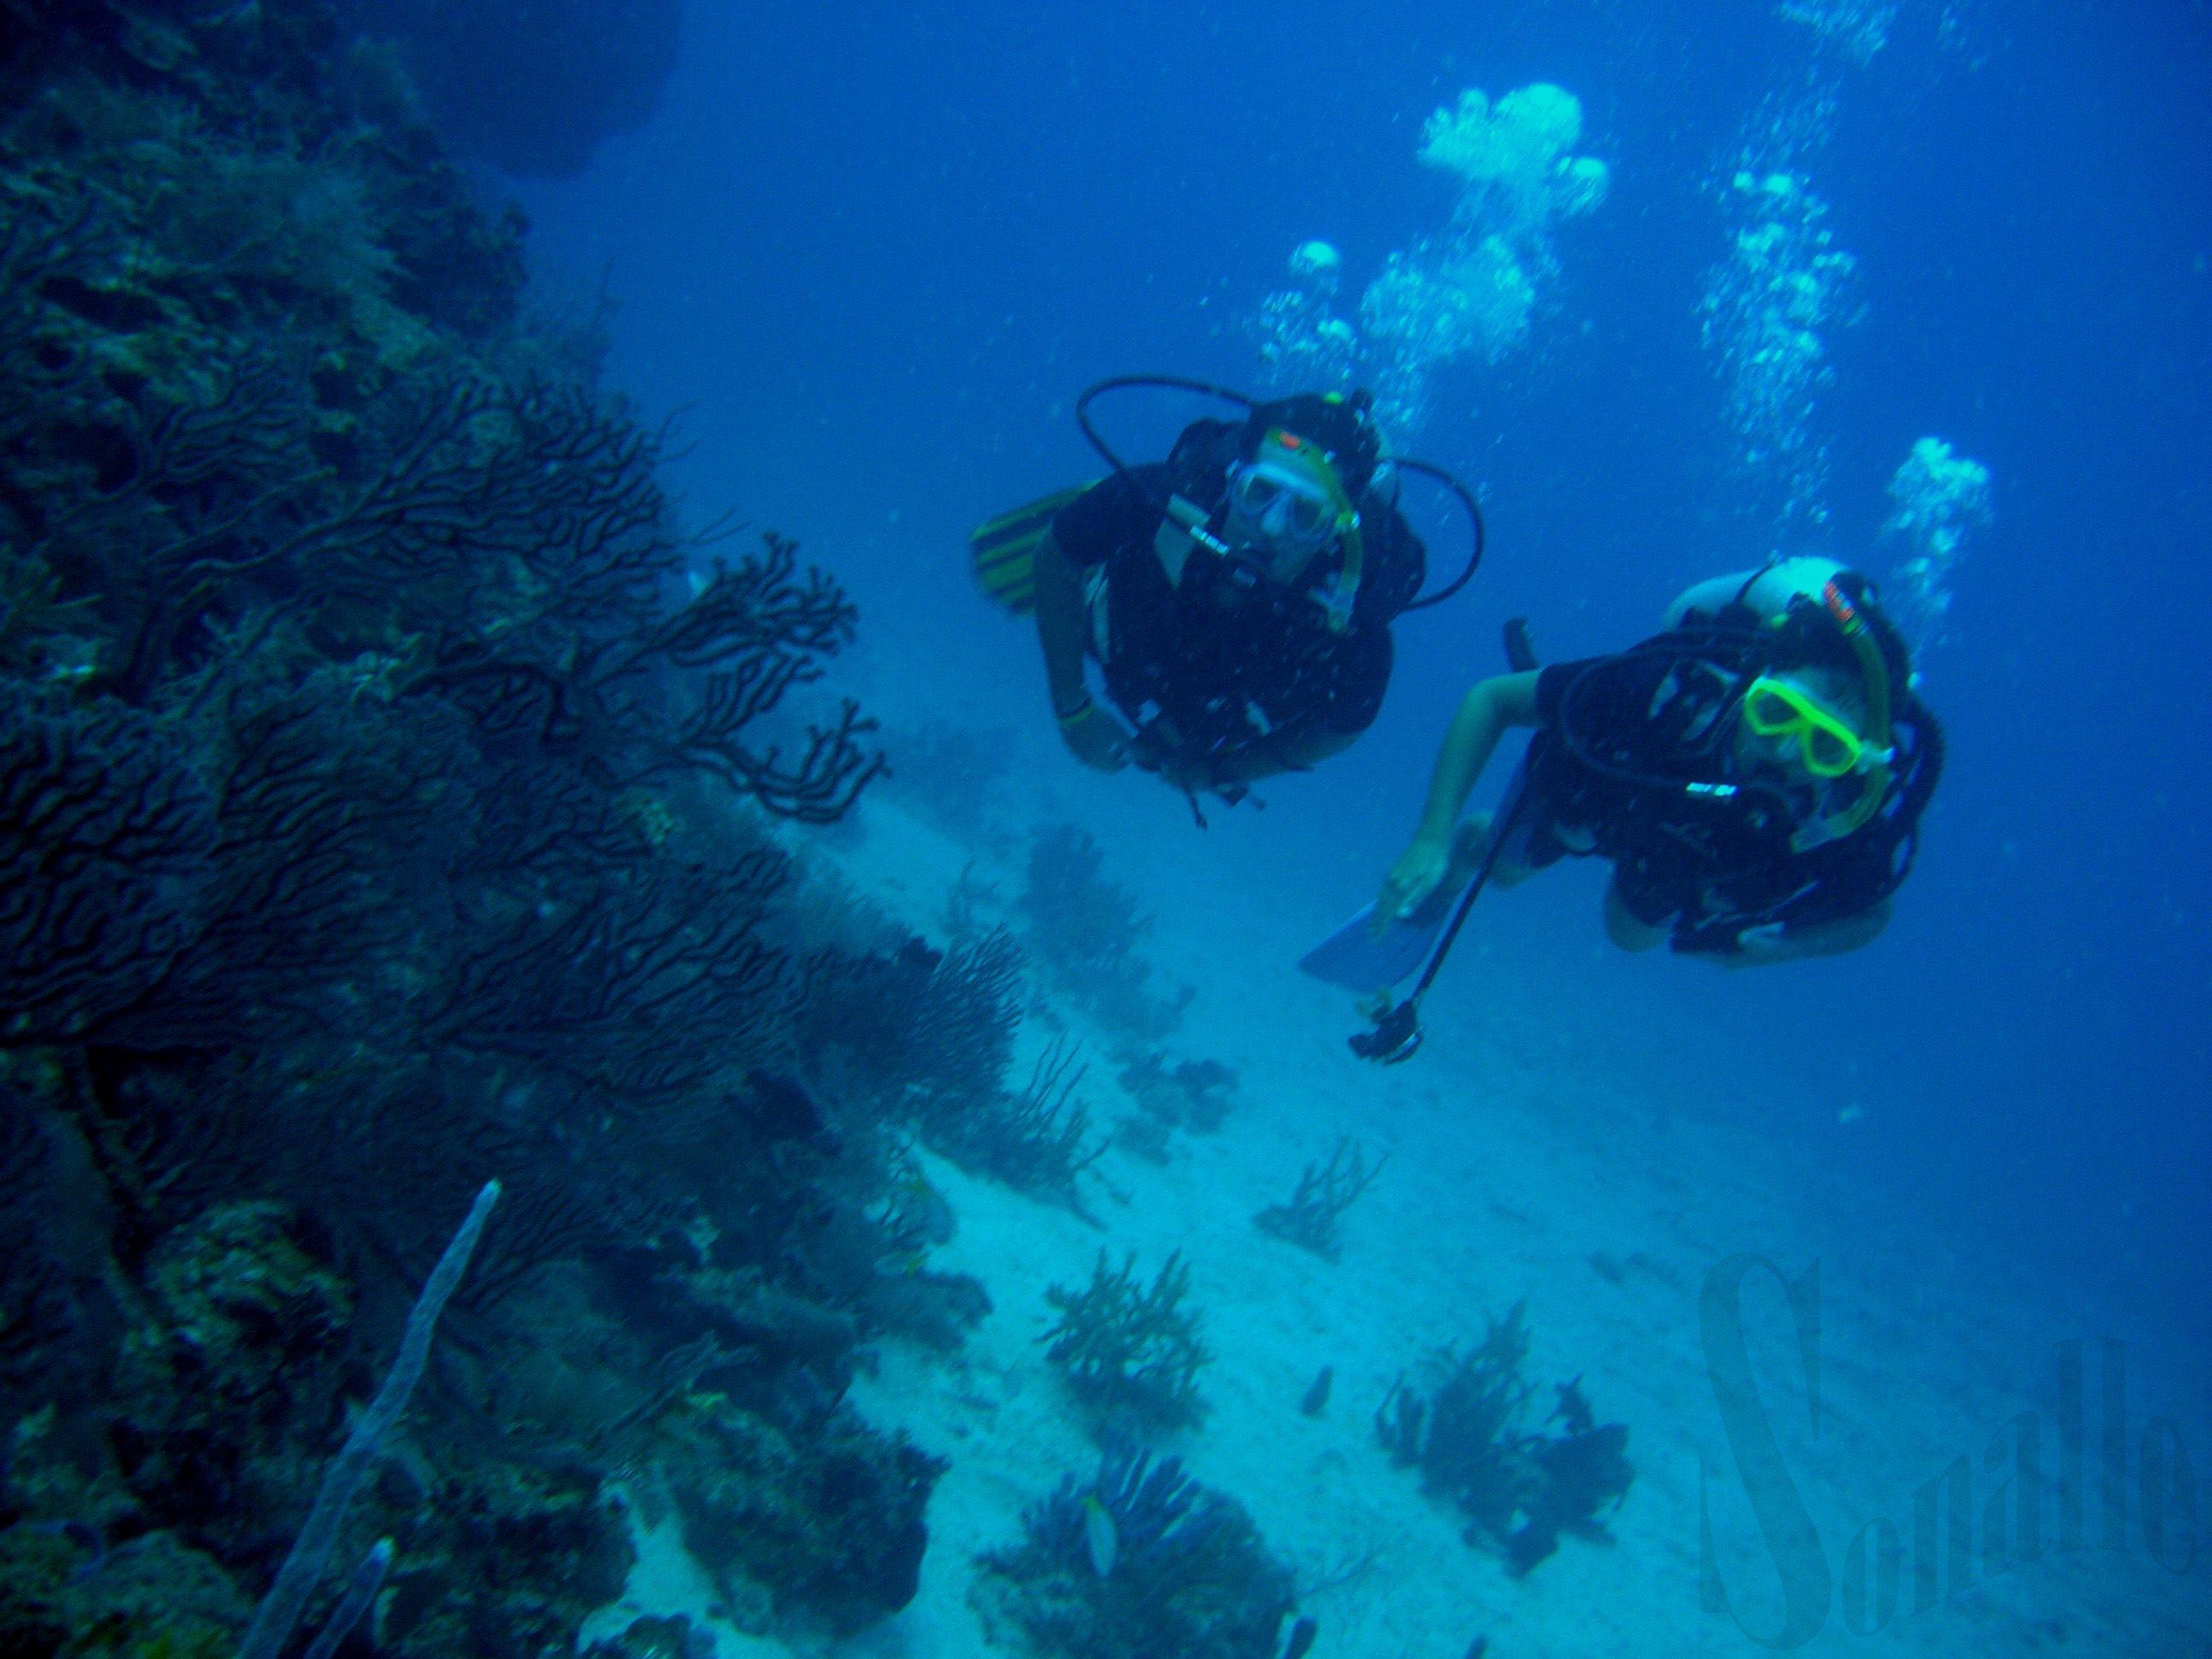 Tauchausflug mit U-Boot von Hurghada, Bootsausflug Sindbad U-Boot, Unterseeboot, Tauchen Sie mit dem U-Boot unter Wasser und beobachten Sie bunte Fische Korallenriffe.